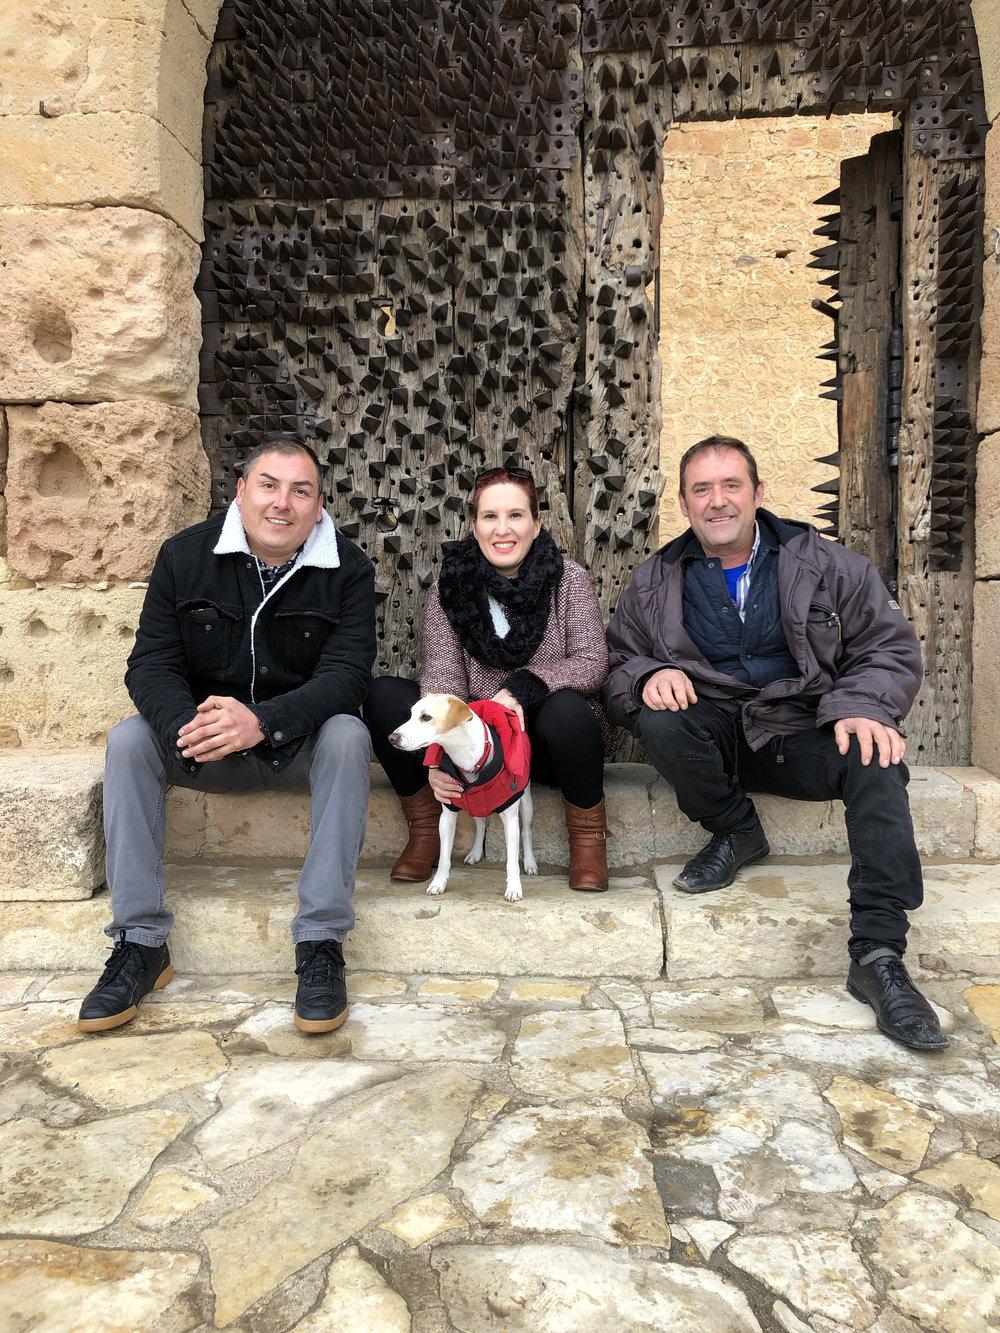 Con mis amigos del Castillo de Pedraza.